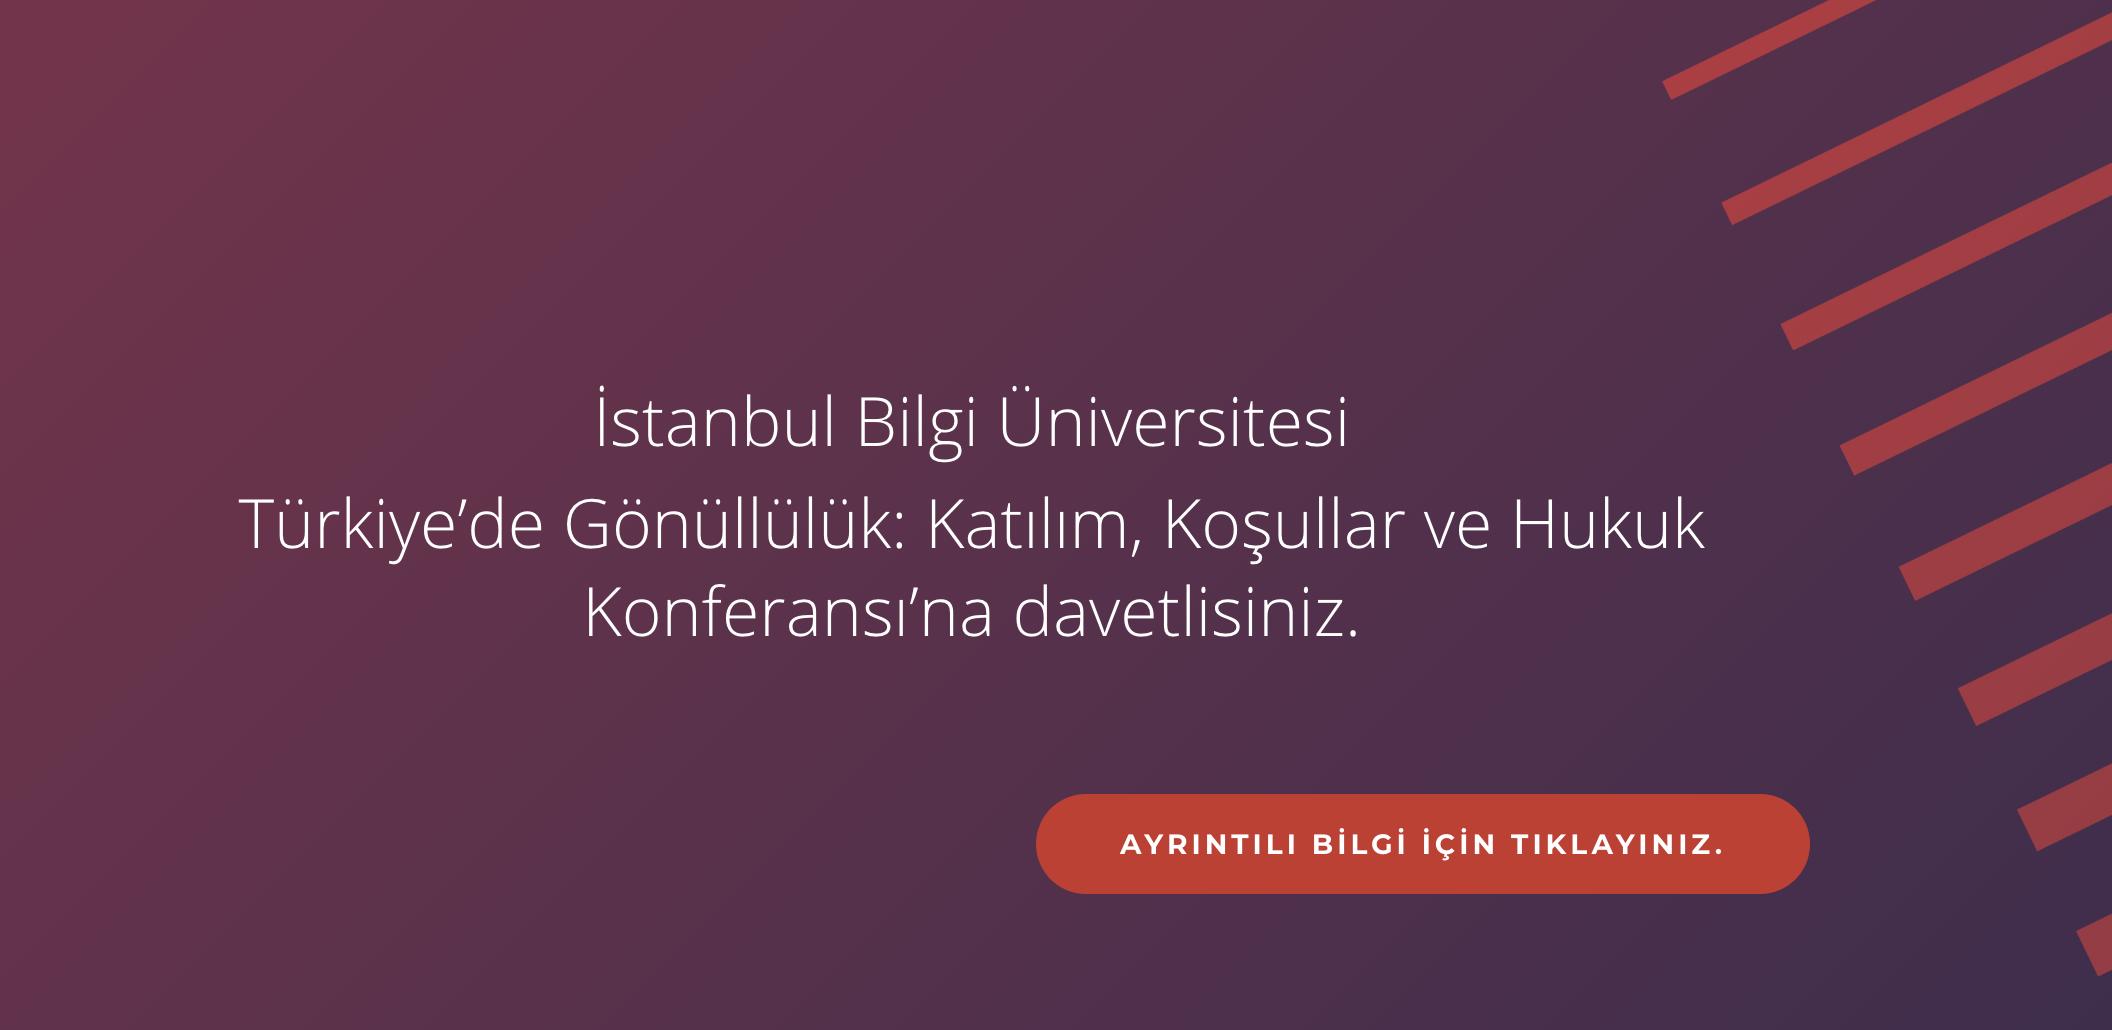 İstanbul Bilgi Üniversitesi Türkiye'de Gönüllülük: Katılım, Koşullar ve Hukuk Konferansı